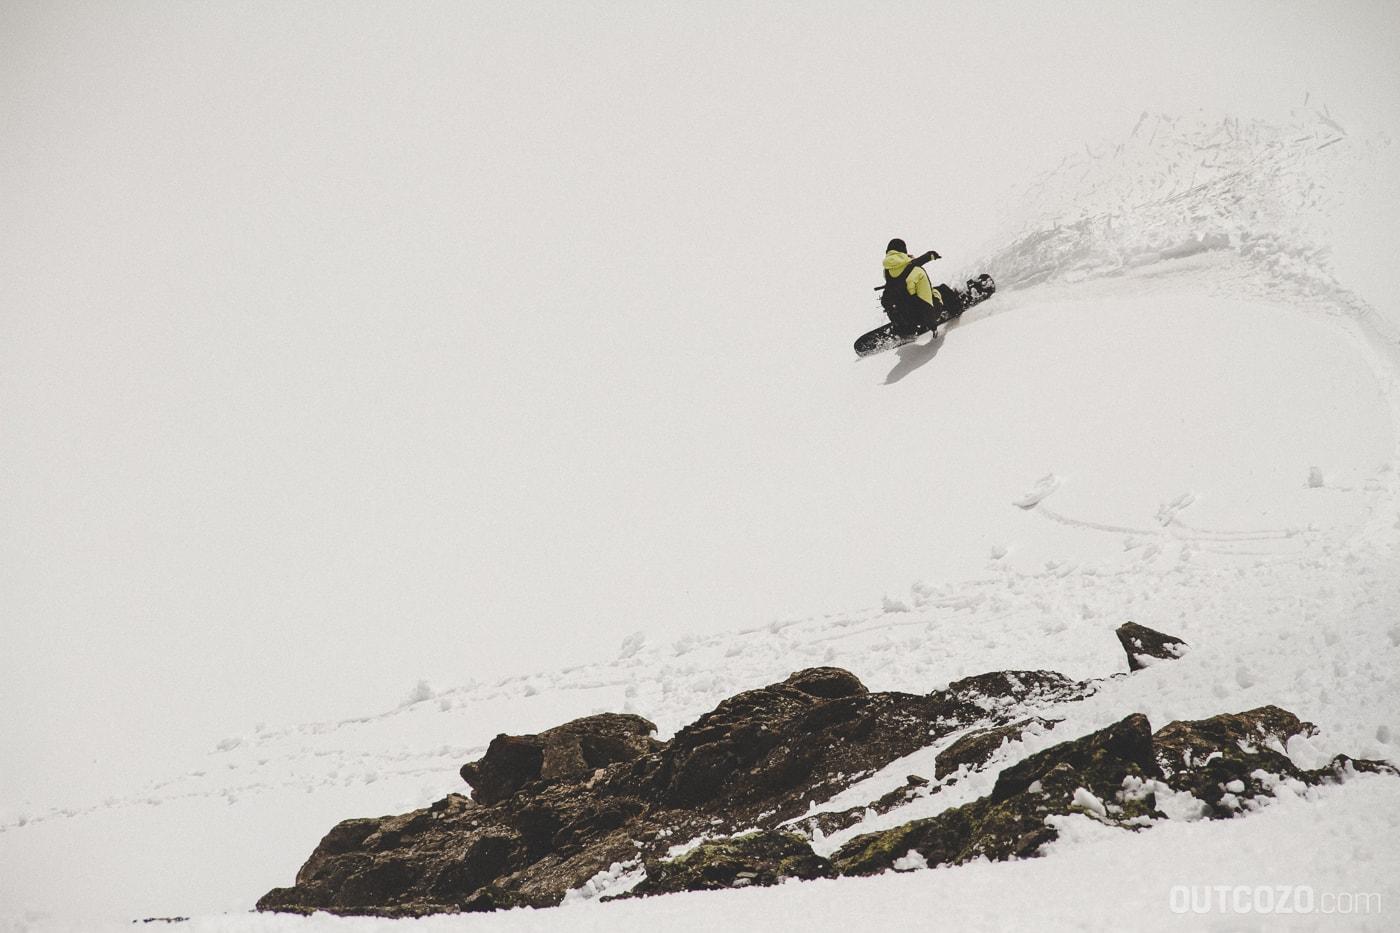 Surfen im Firn mit dem Snowboard